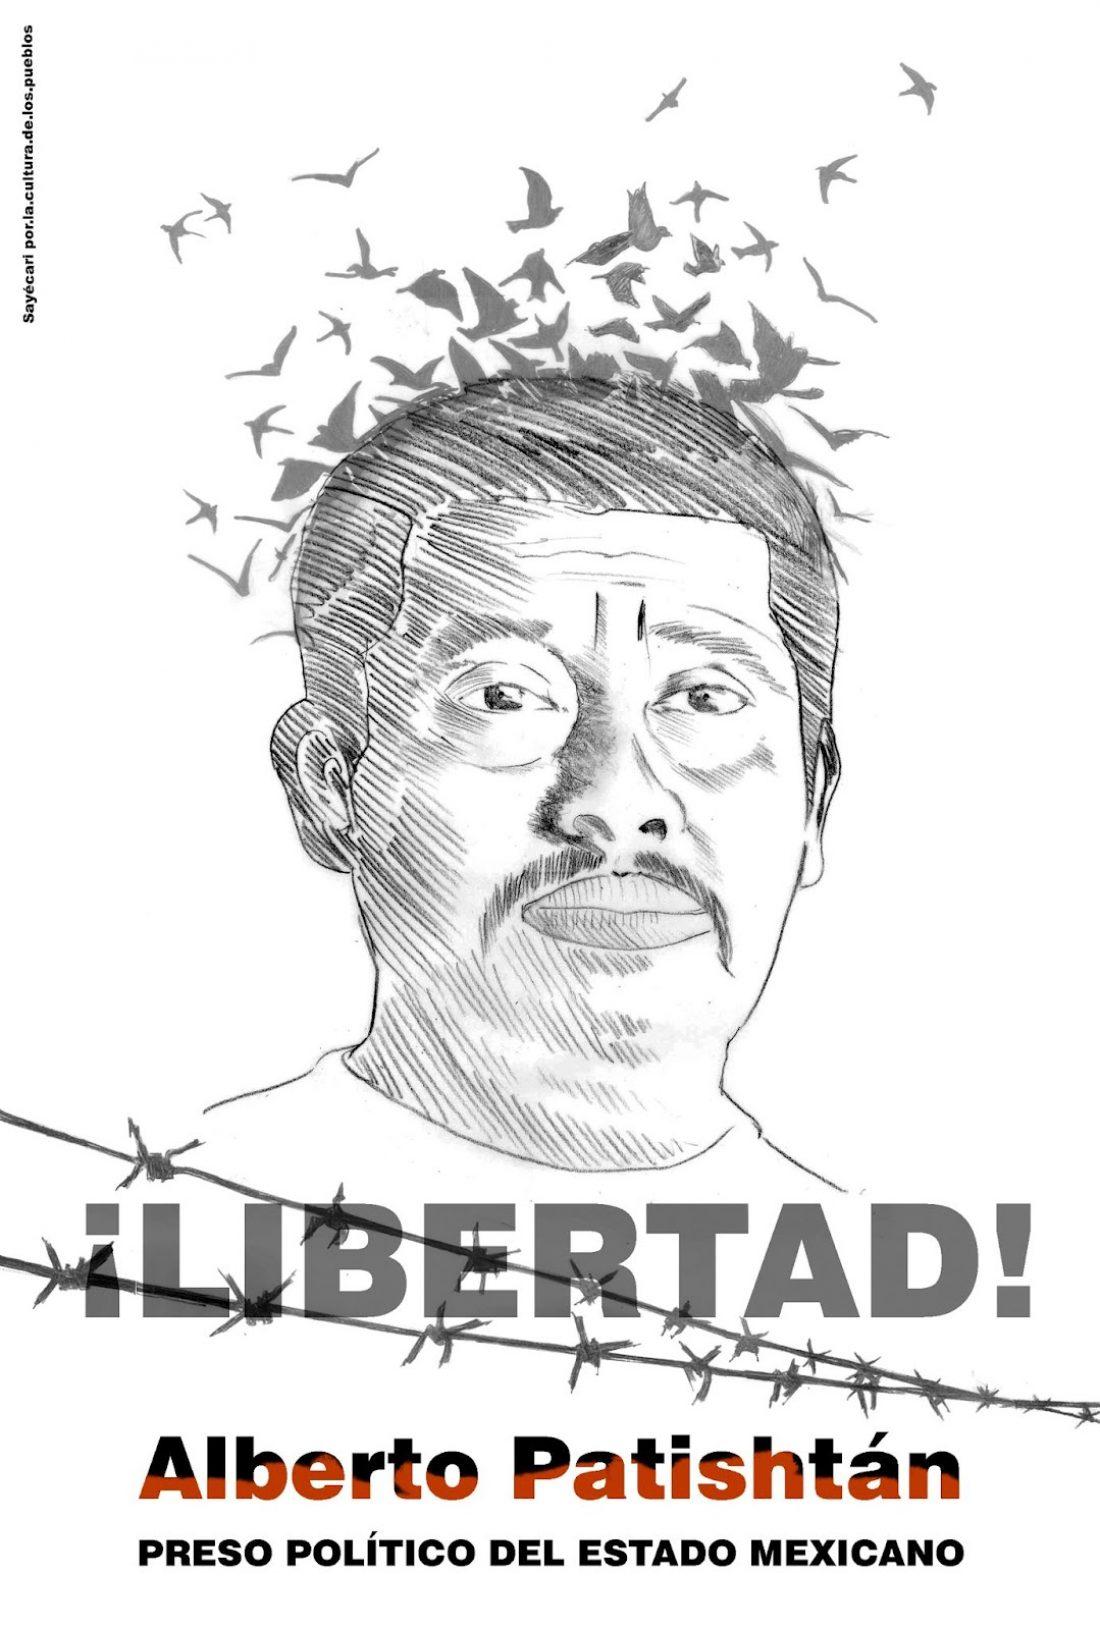 CGT presenta AMICUS CURIAE avalando la declaración y reconocimiento de inocencia de Alberto Patishtán